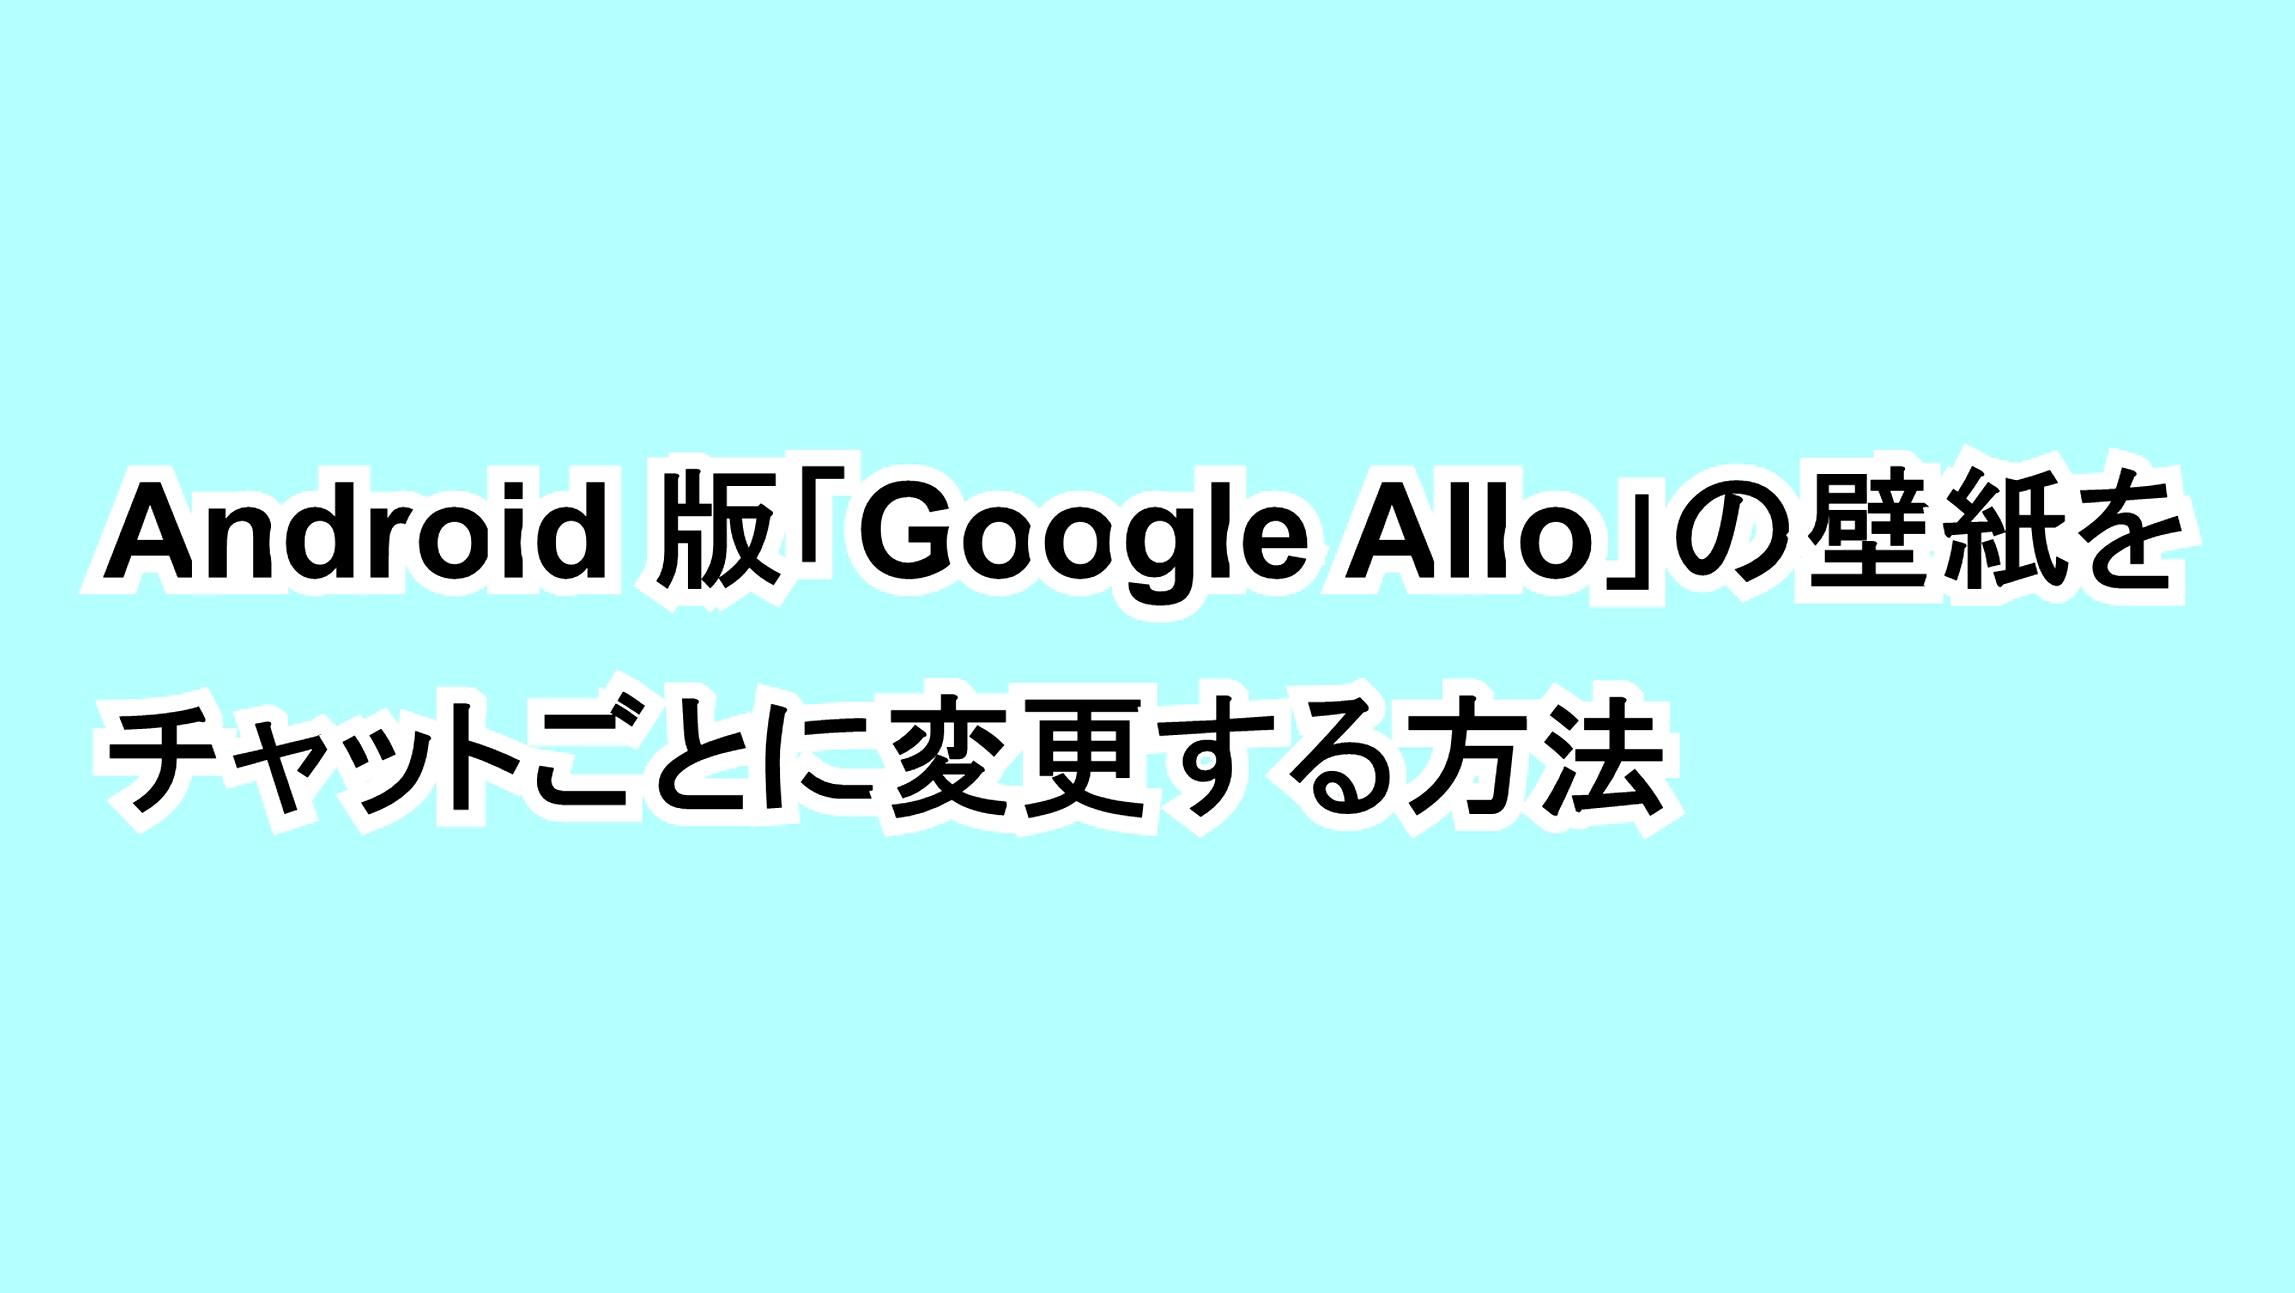 Android版「Google Allo」の壁紙をチャットごとに変更する方法